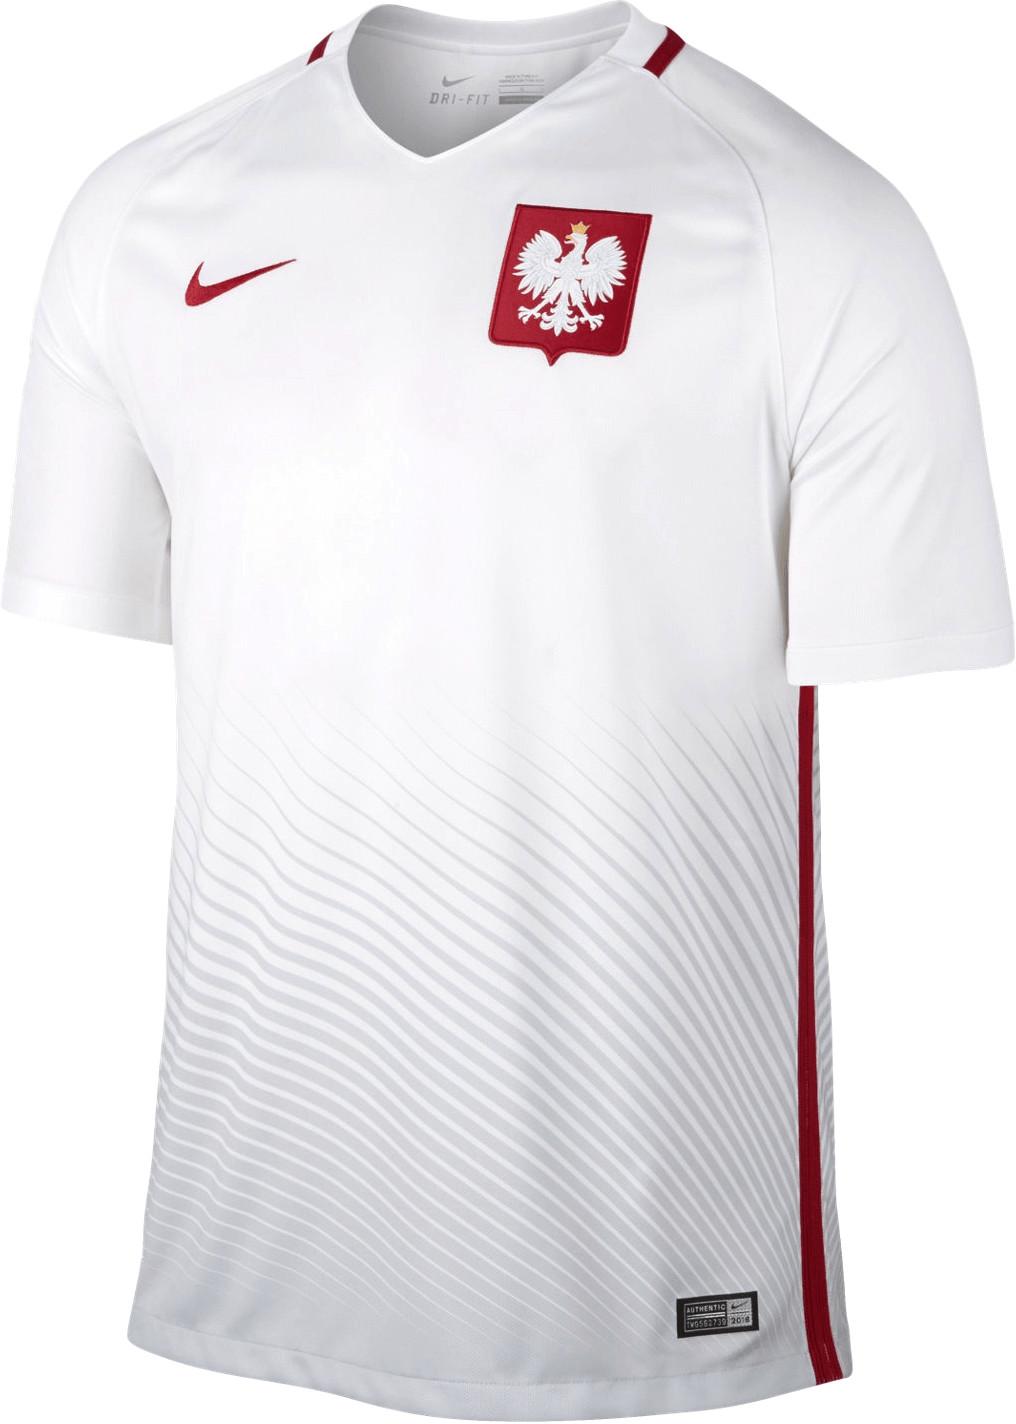 Nike Polen Home Trikot 2015/2016